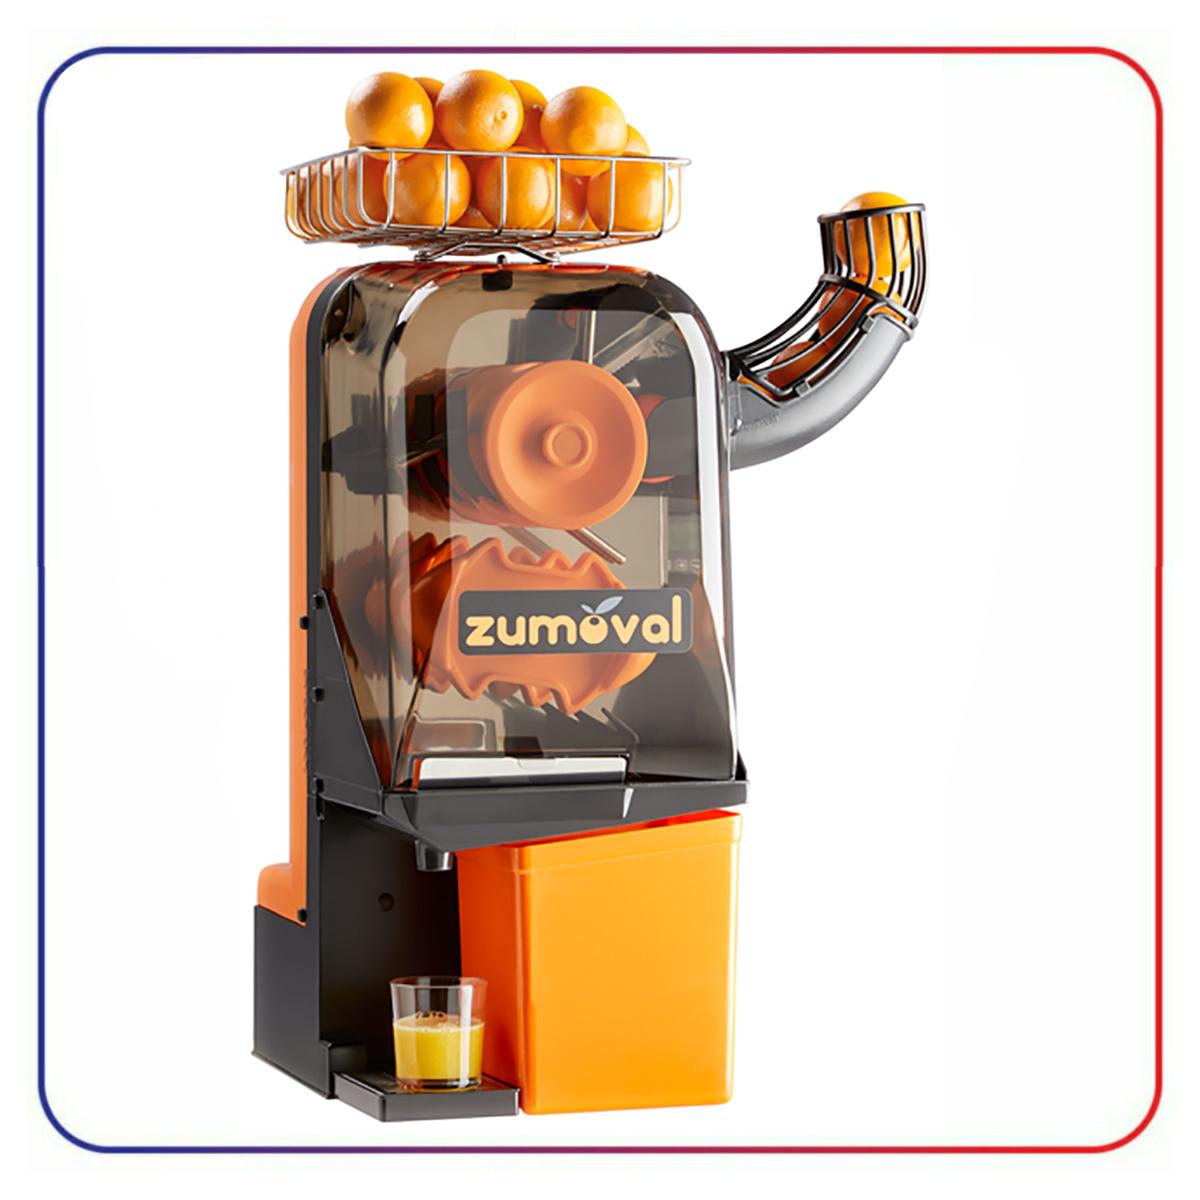 آب پرتقال گیری صنعتی زوموال ZUMOVAL MINIMAX